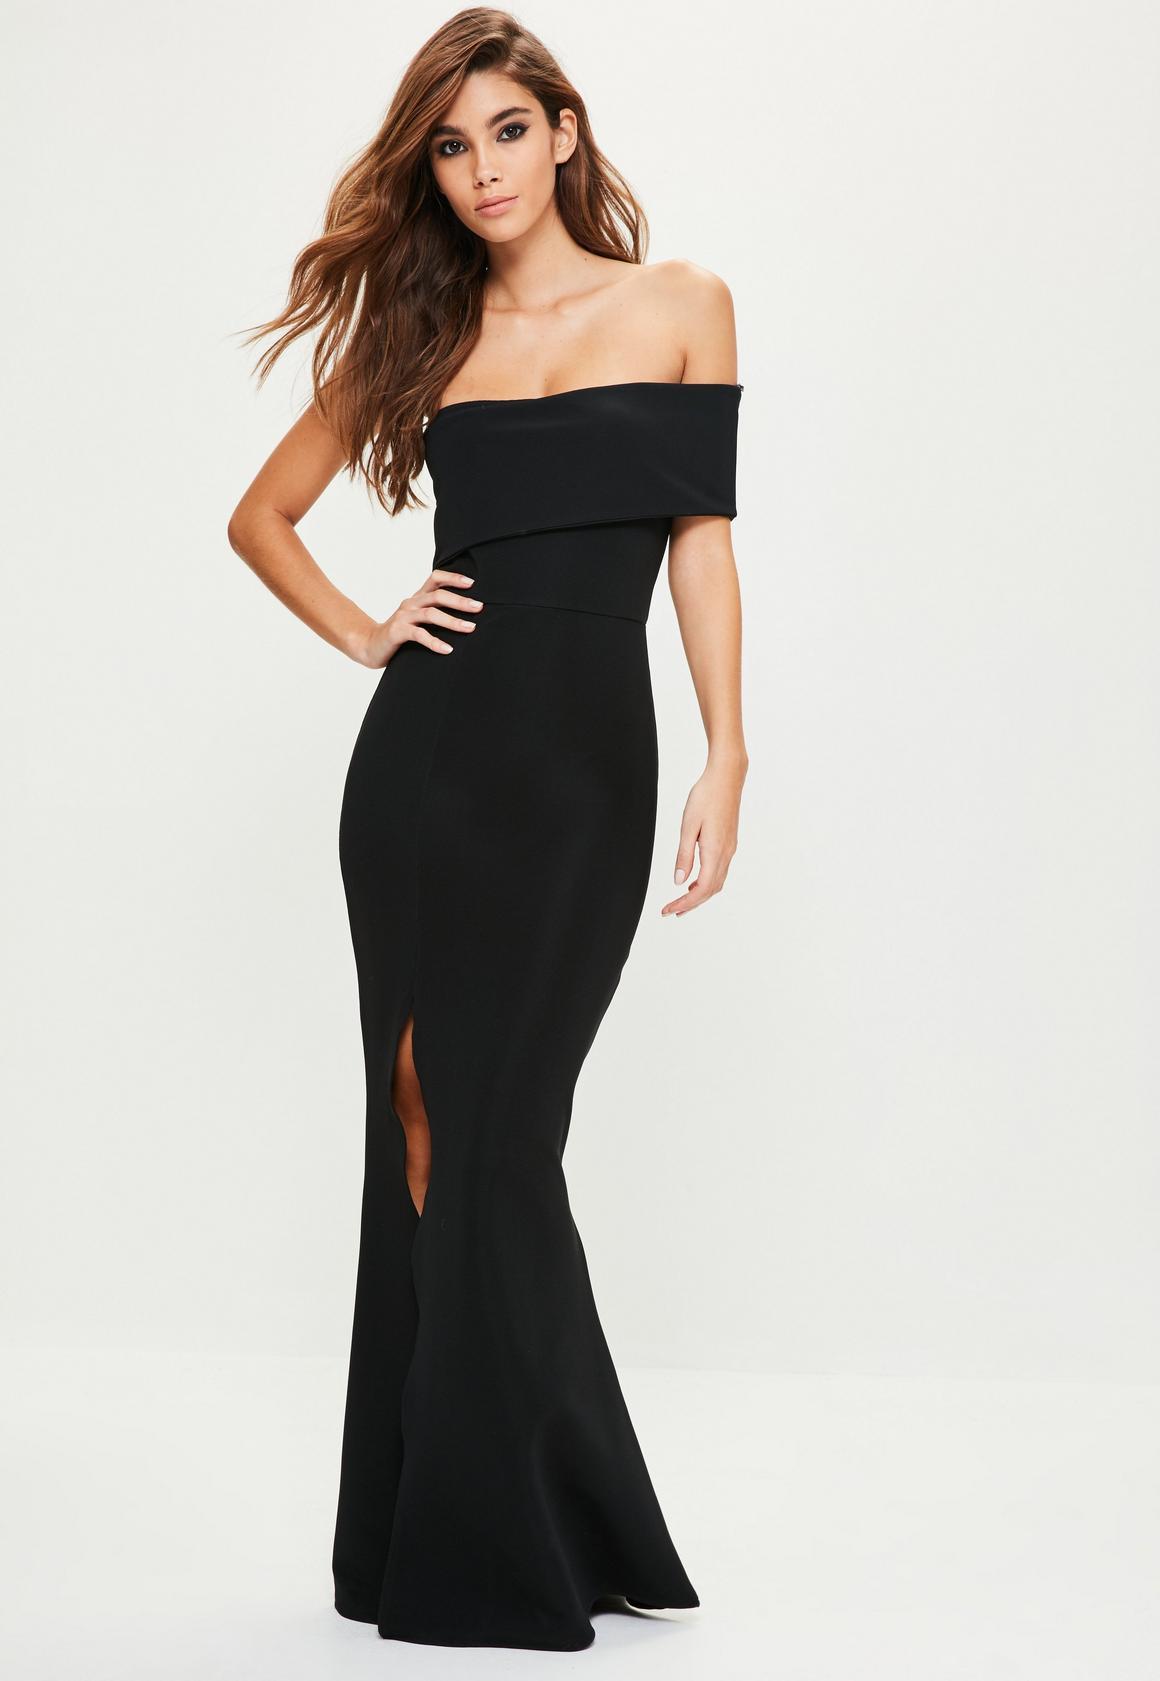 robe longue noire fendue robes de soir e site blog photo. Black Bedroom Furniture Sets. Home Design Ideas